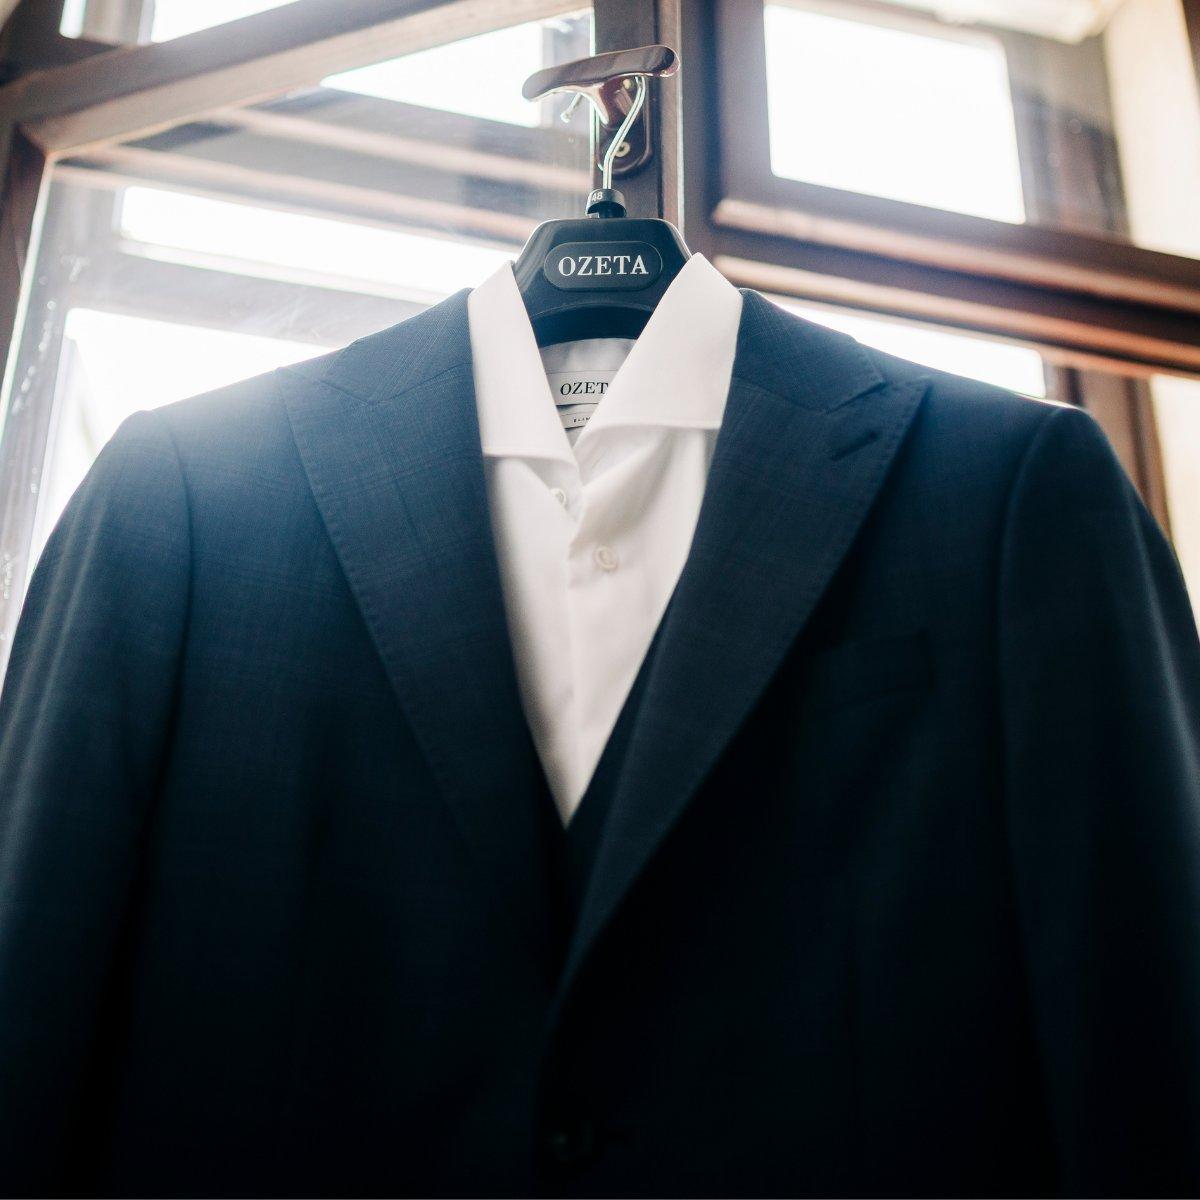 Oblek ozeta